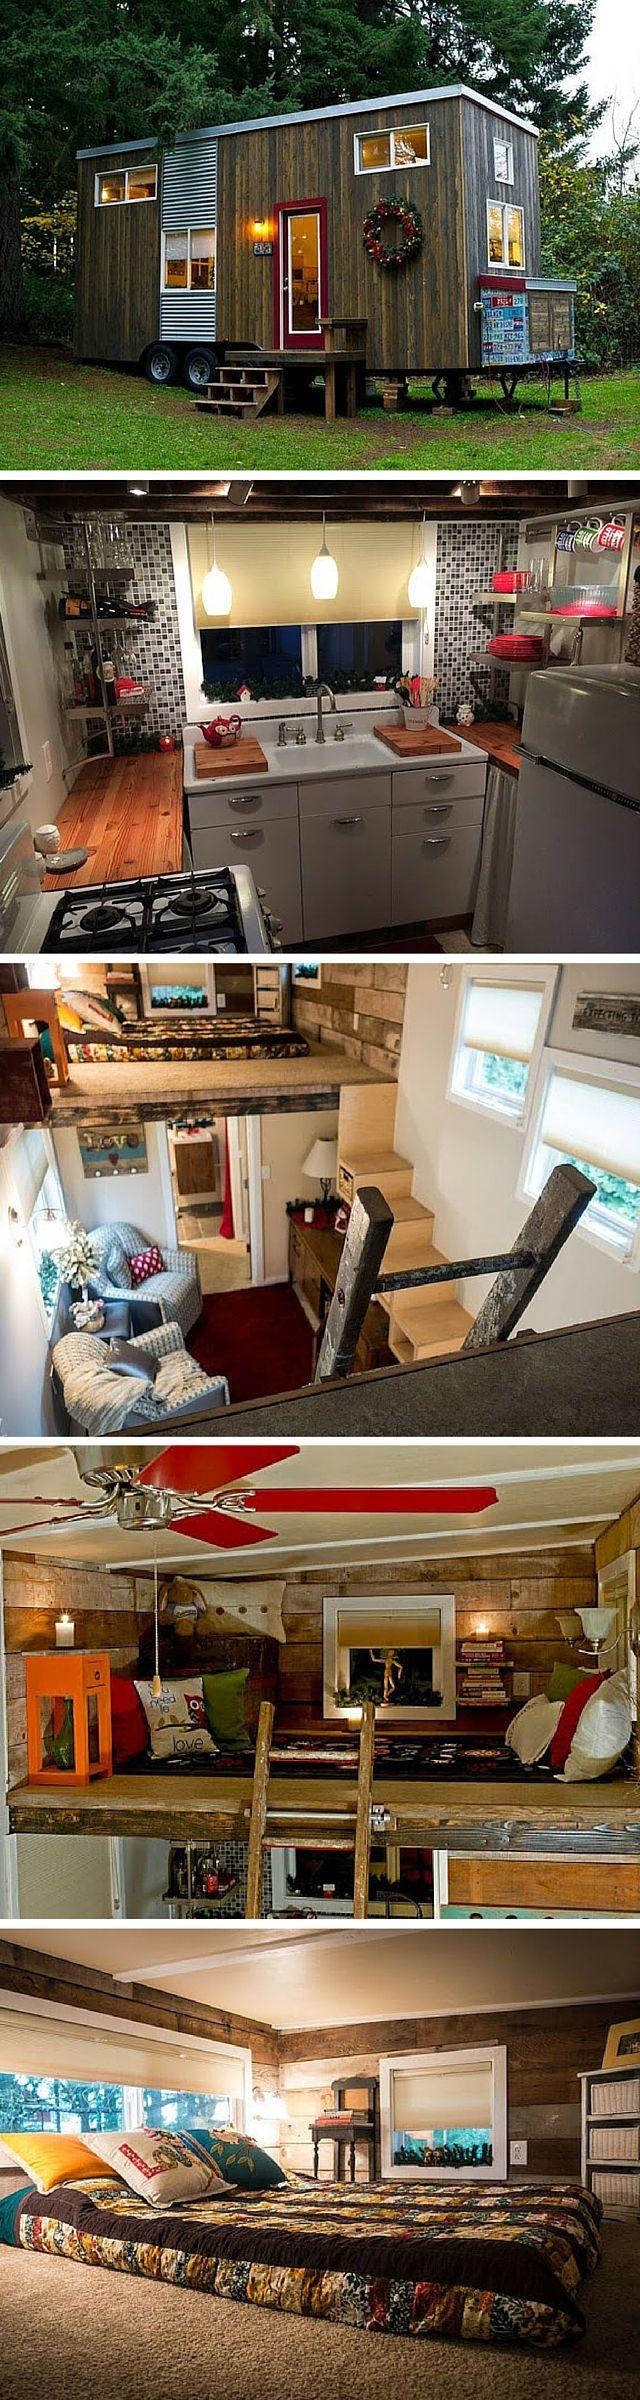 Me encanta que tiene dos pisos de arriba